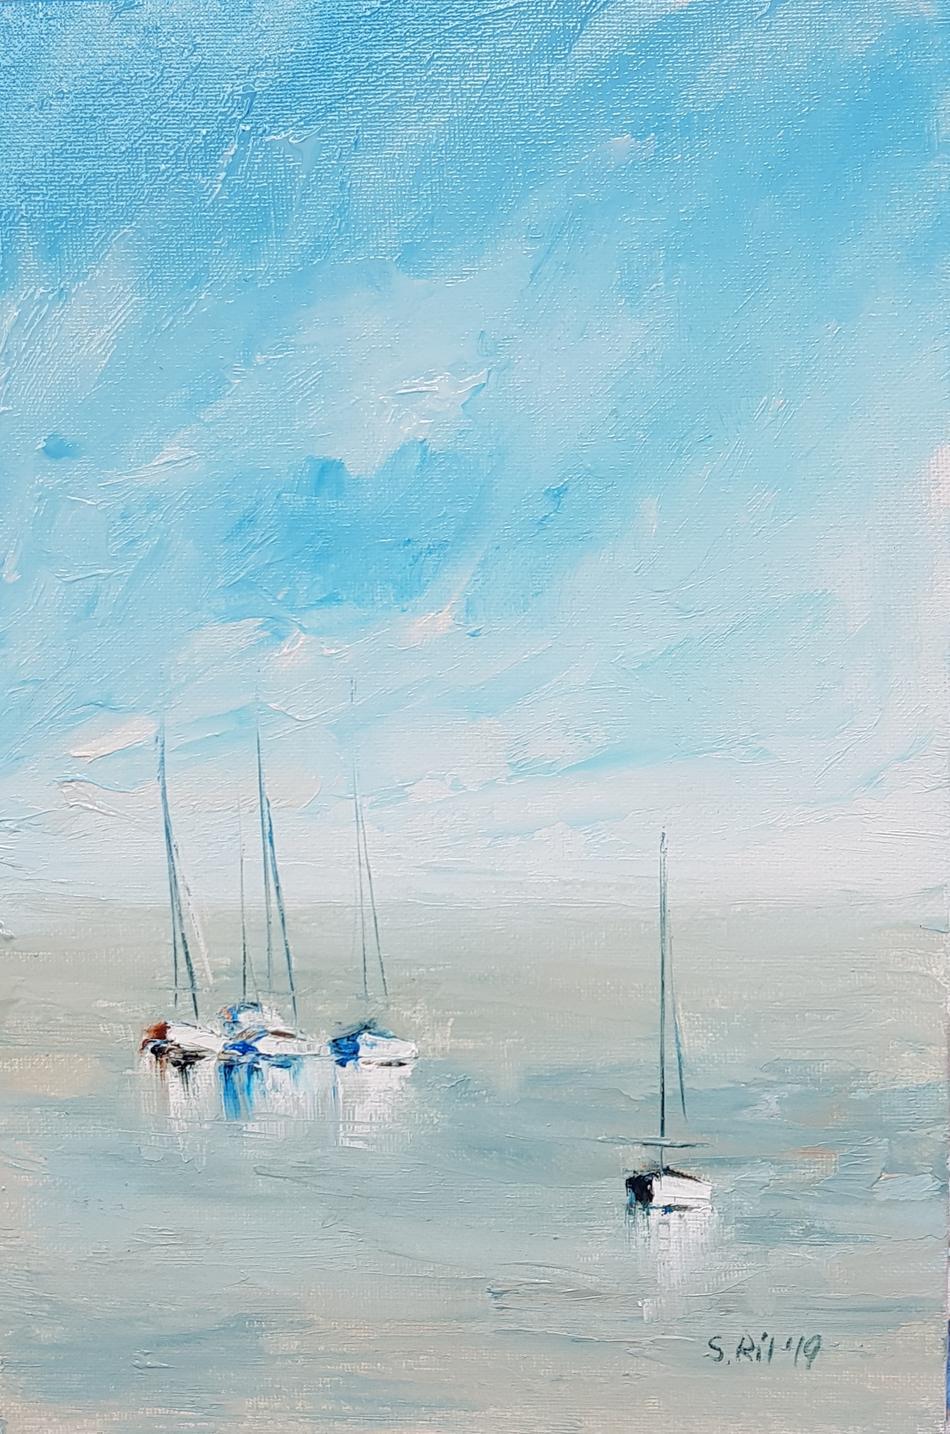 Keel boats